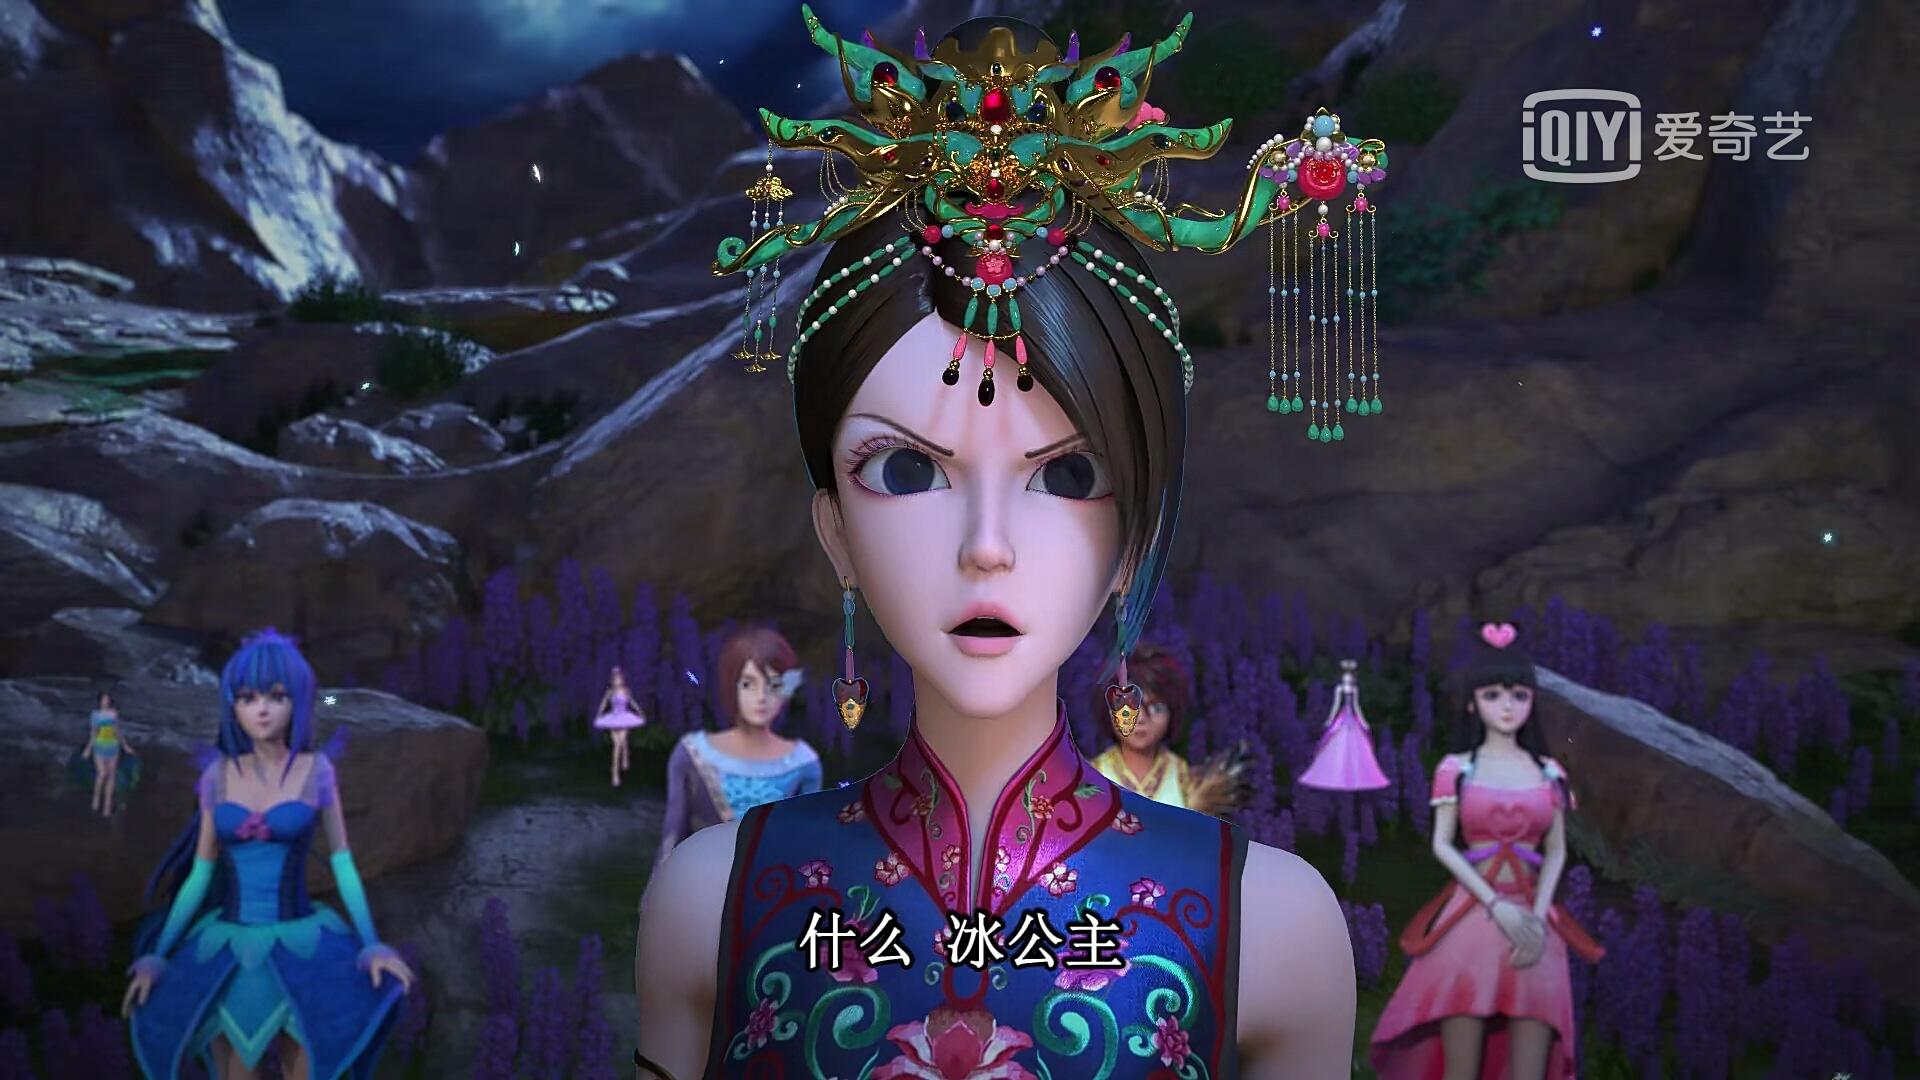 叶罗丽第六季:辛灵的仙子形态曝光了,新造型比冰公主图片